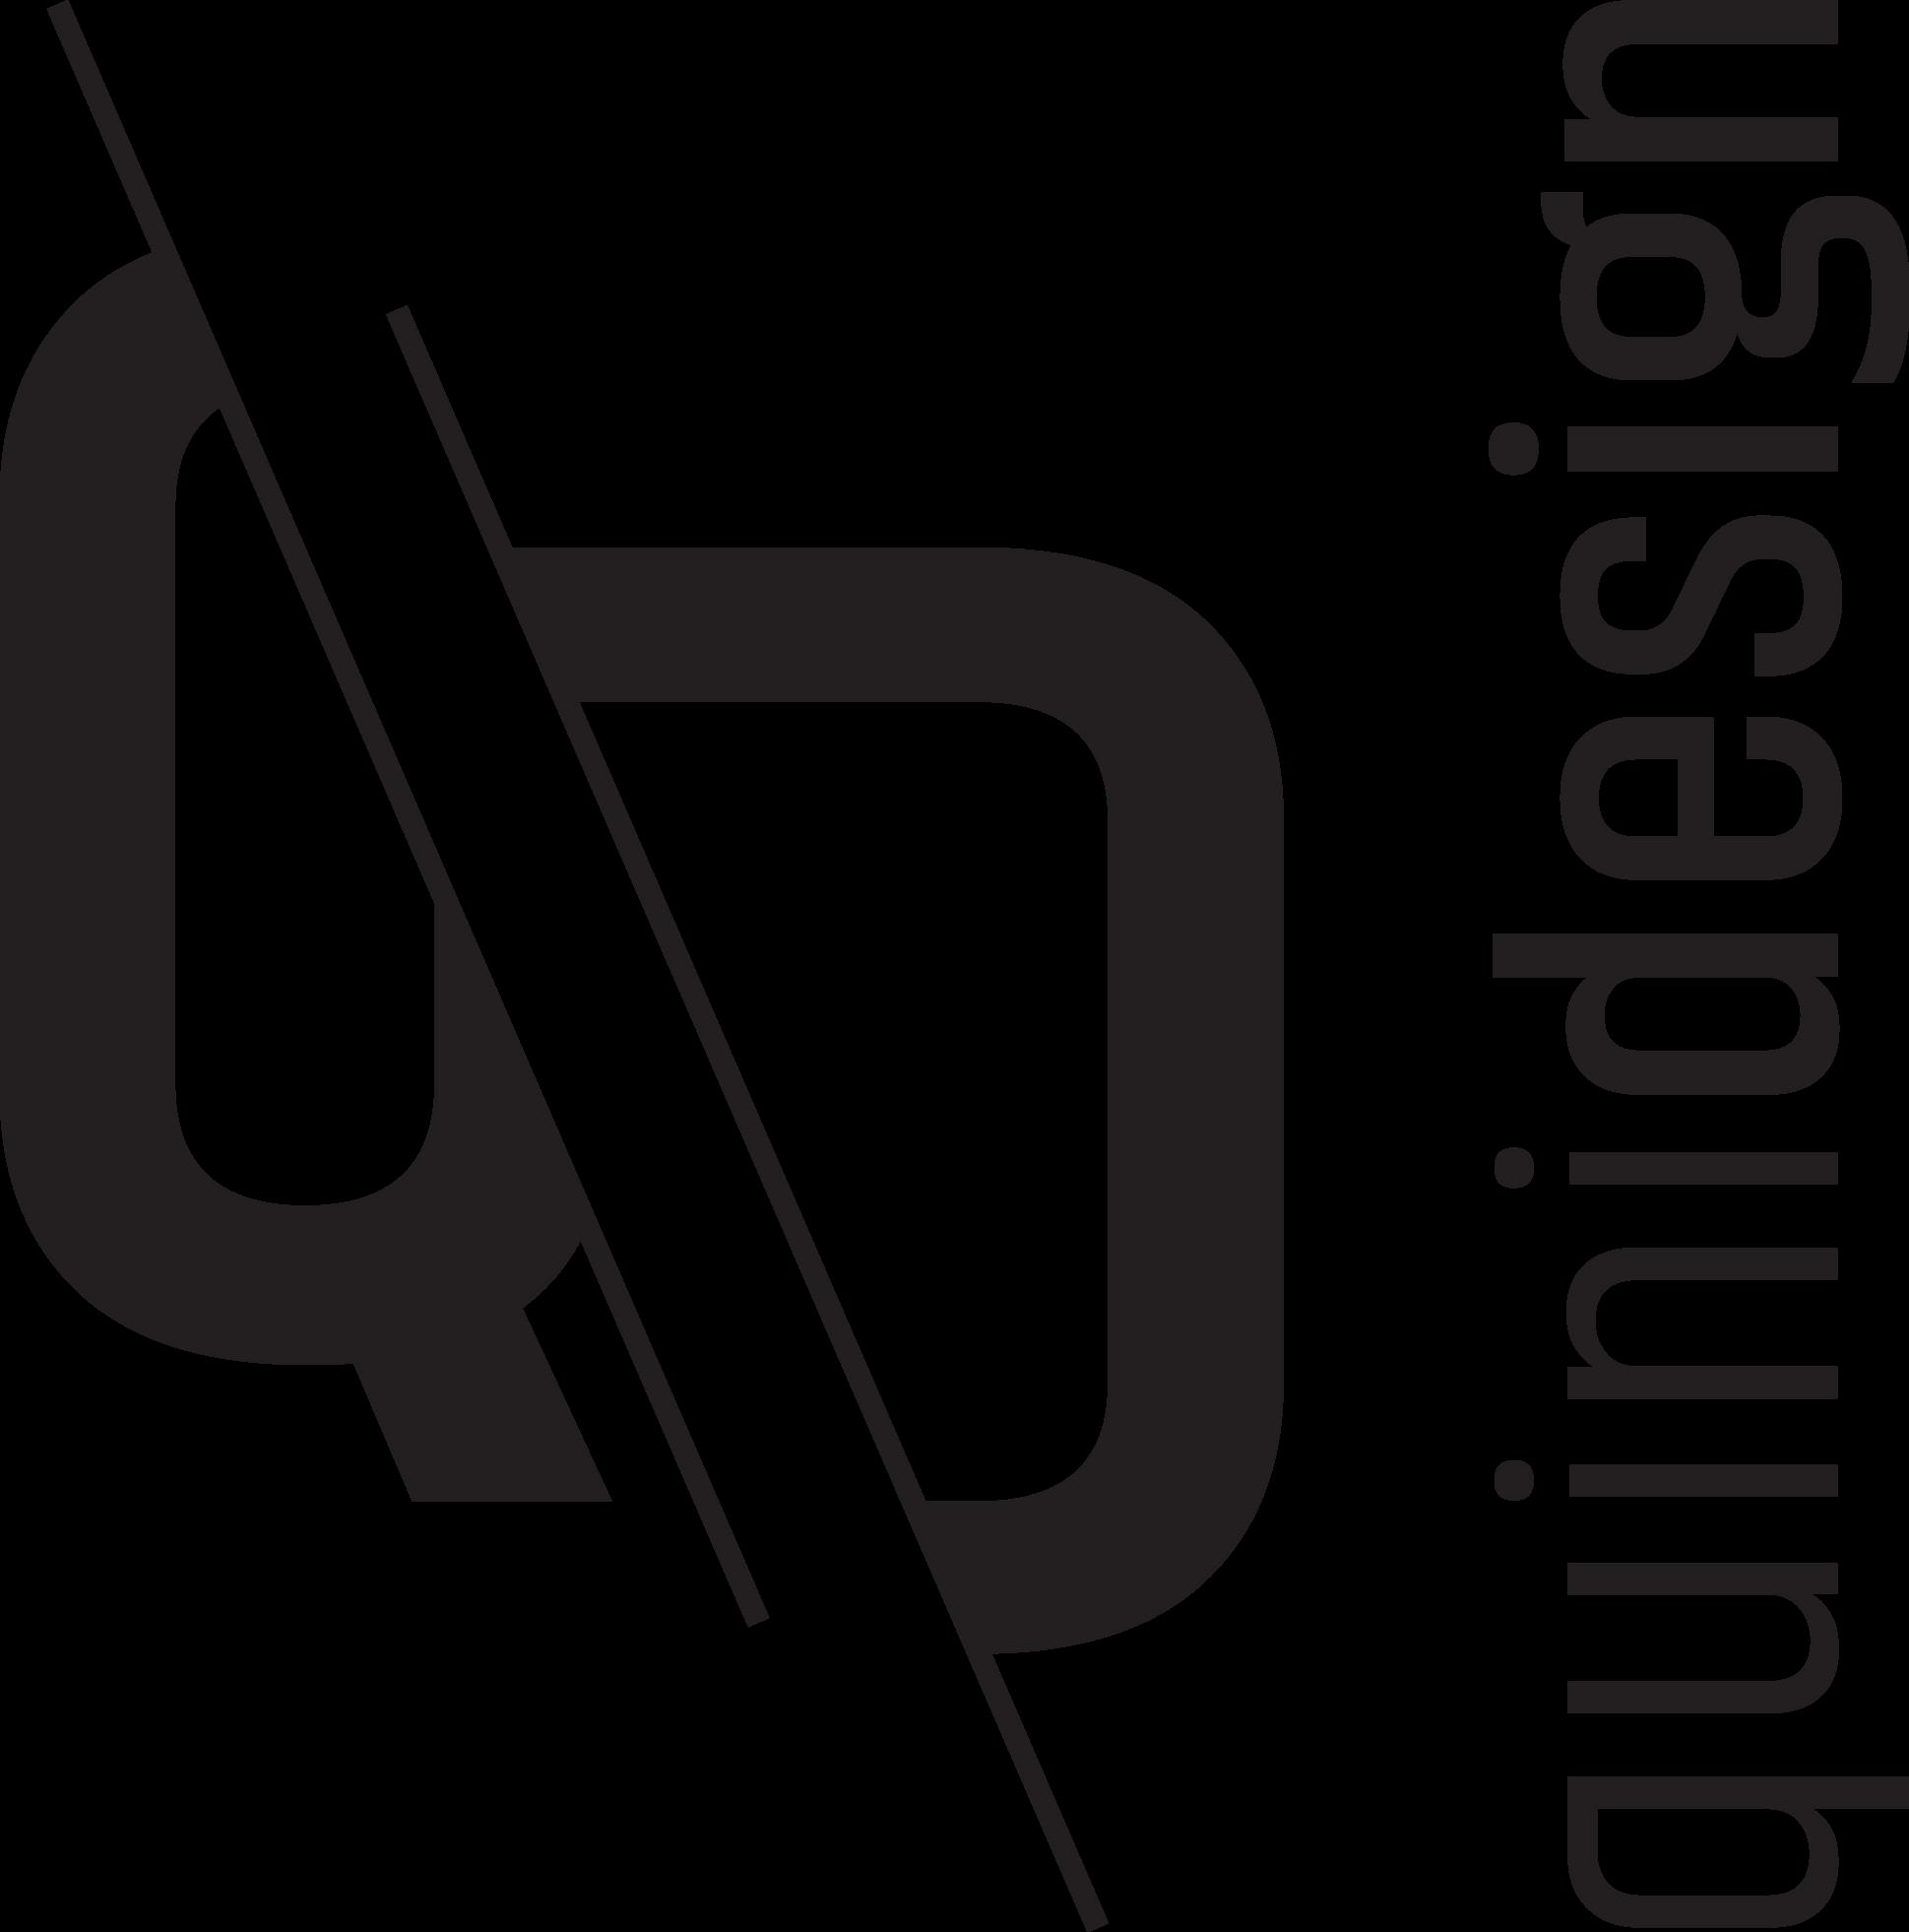 Quinidesign